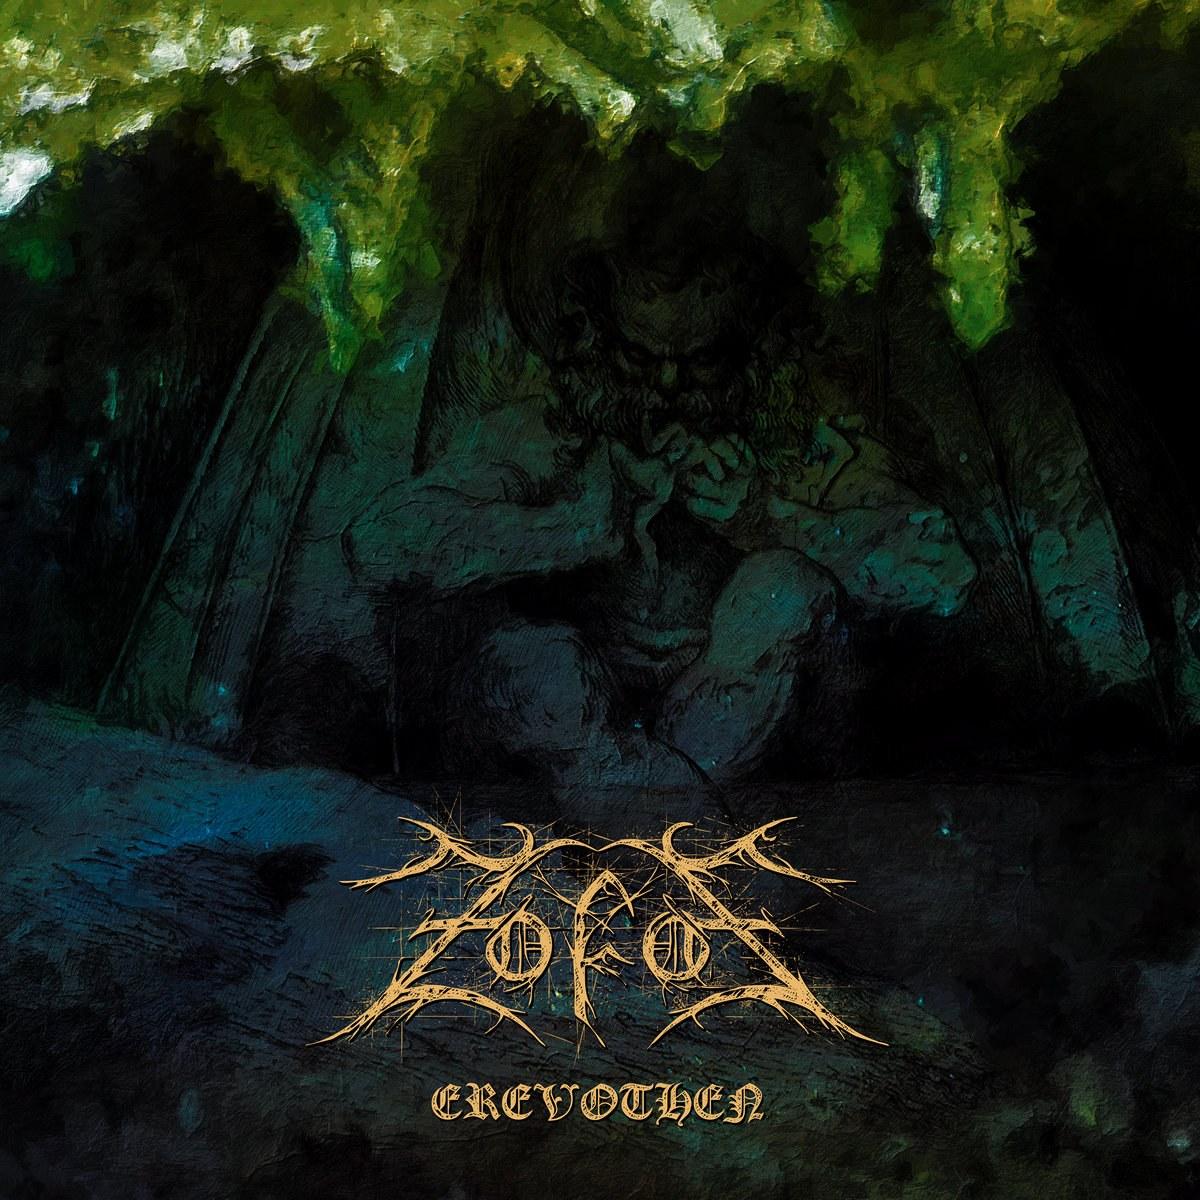 Zofos - Erevothen